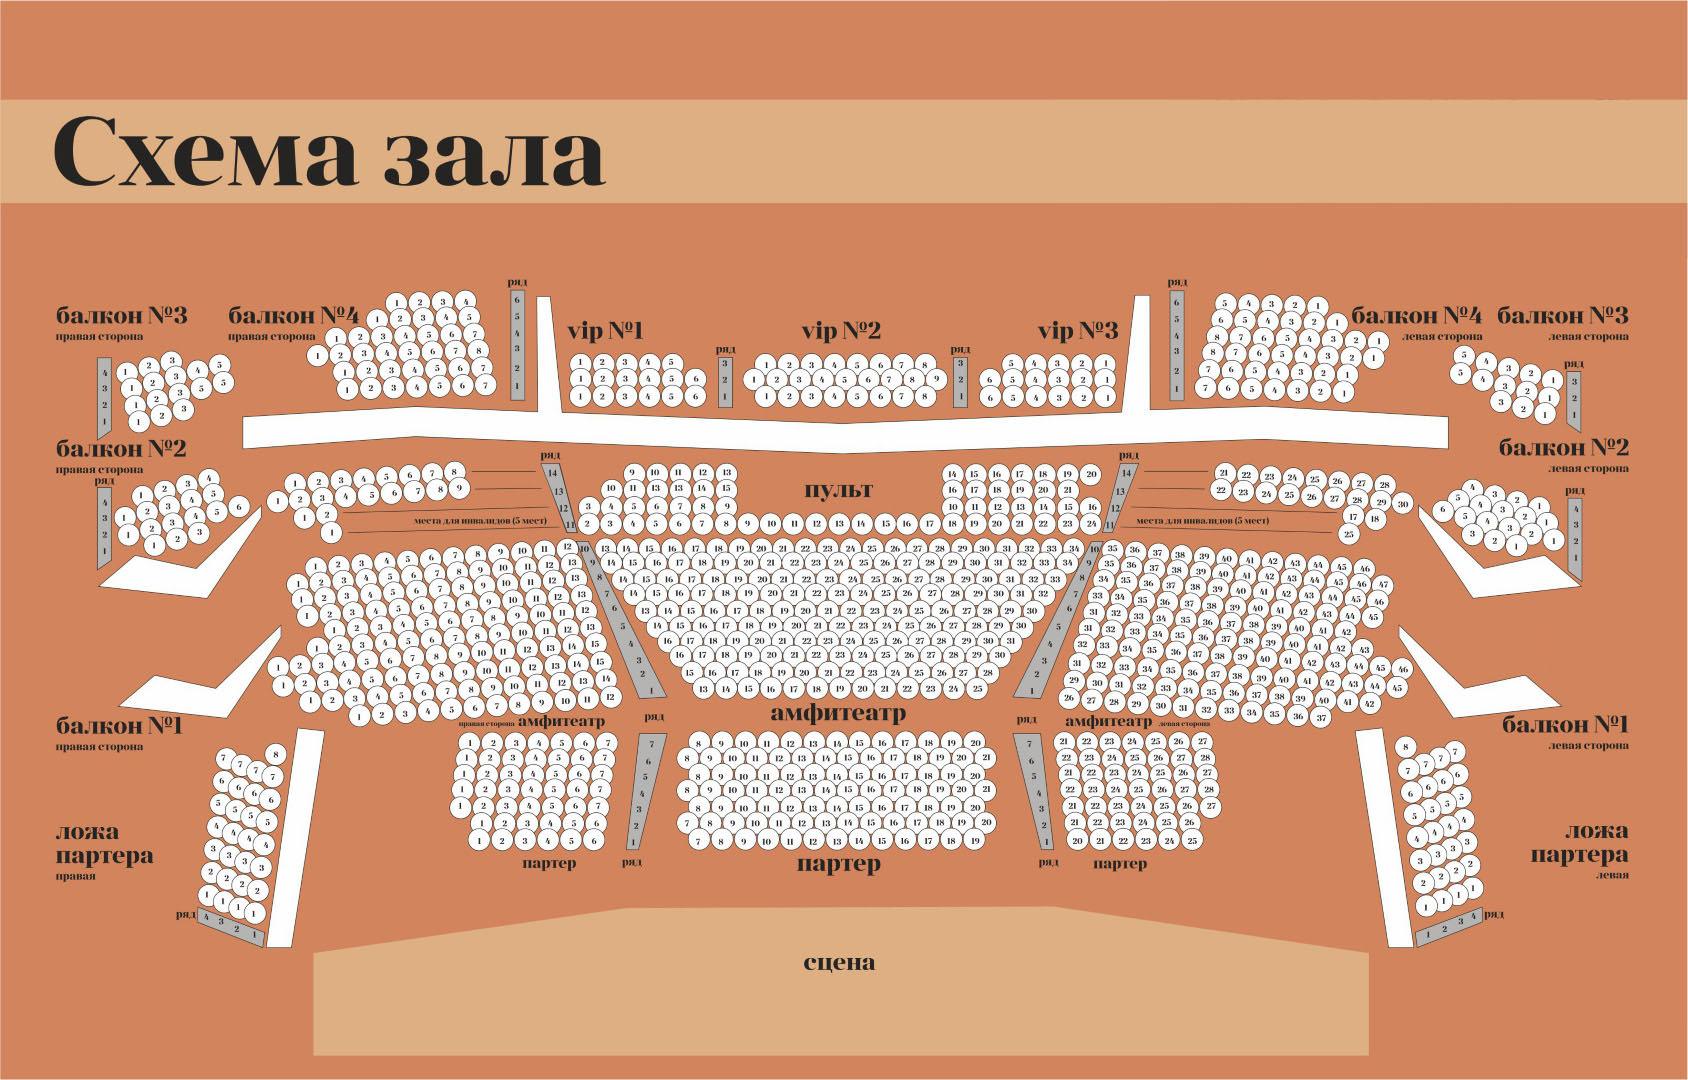 Афиша театр бабкиной цена билета музыкальный театр в ростове на